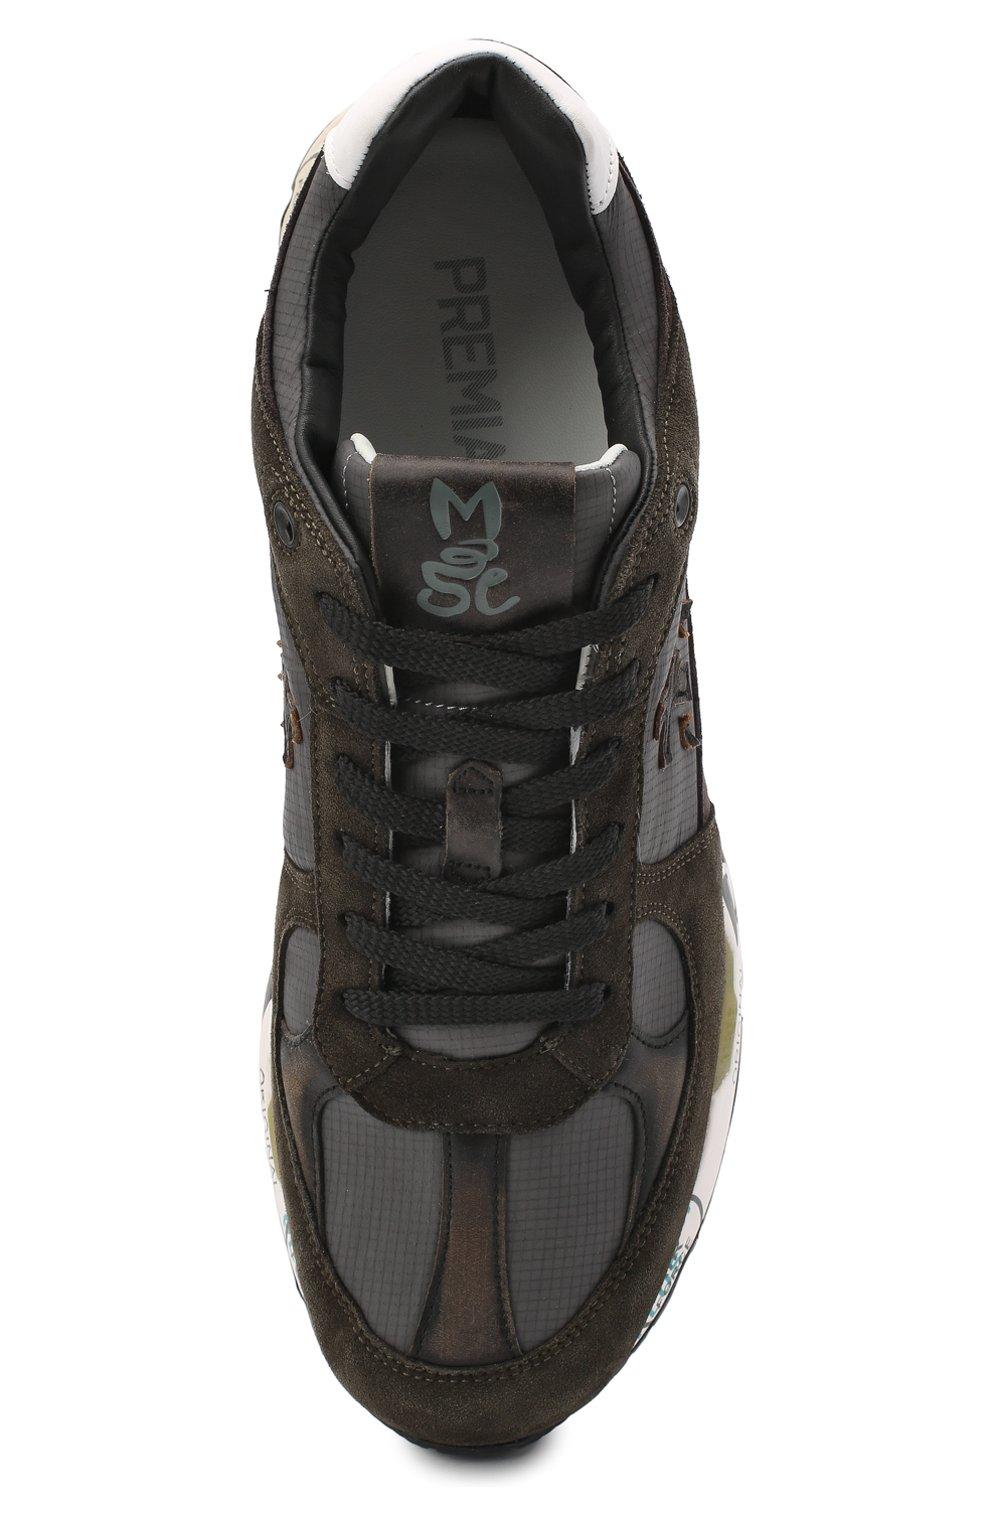 Мужские комбинированные кроссовки mase PREMIATA хаки цвета, арт. MASE/VAR4005 | Фото 5